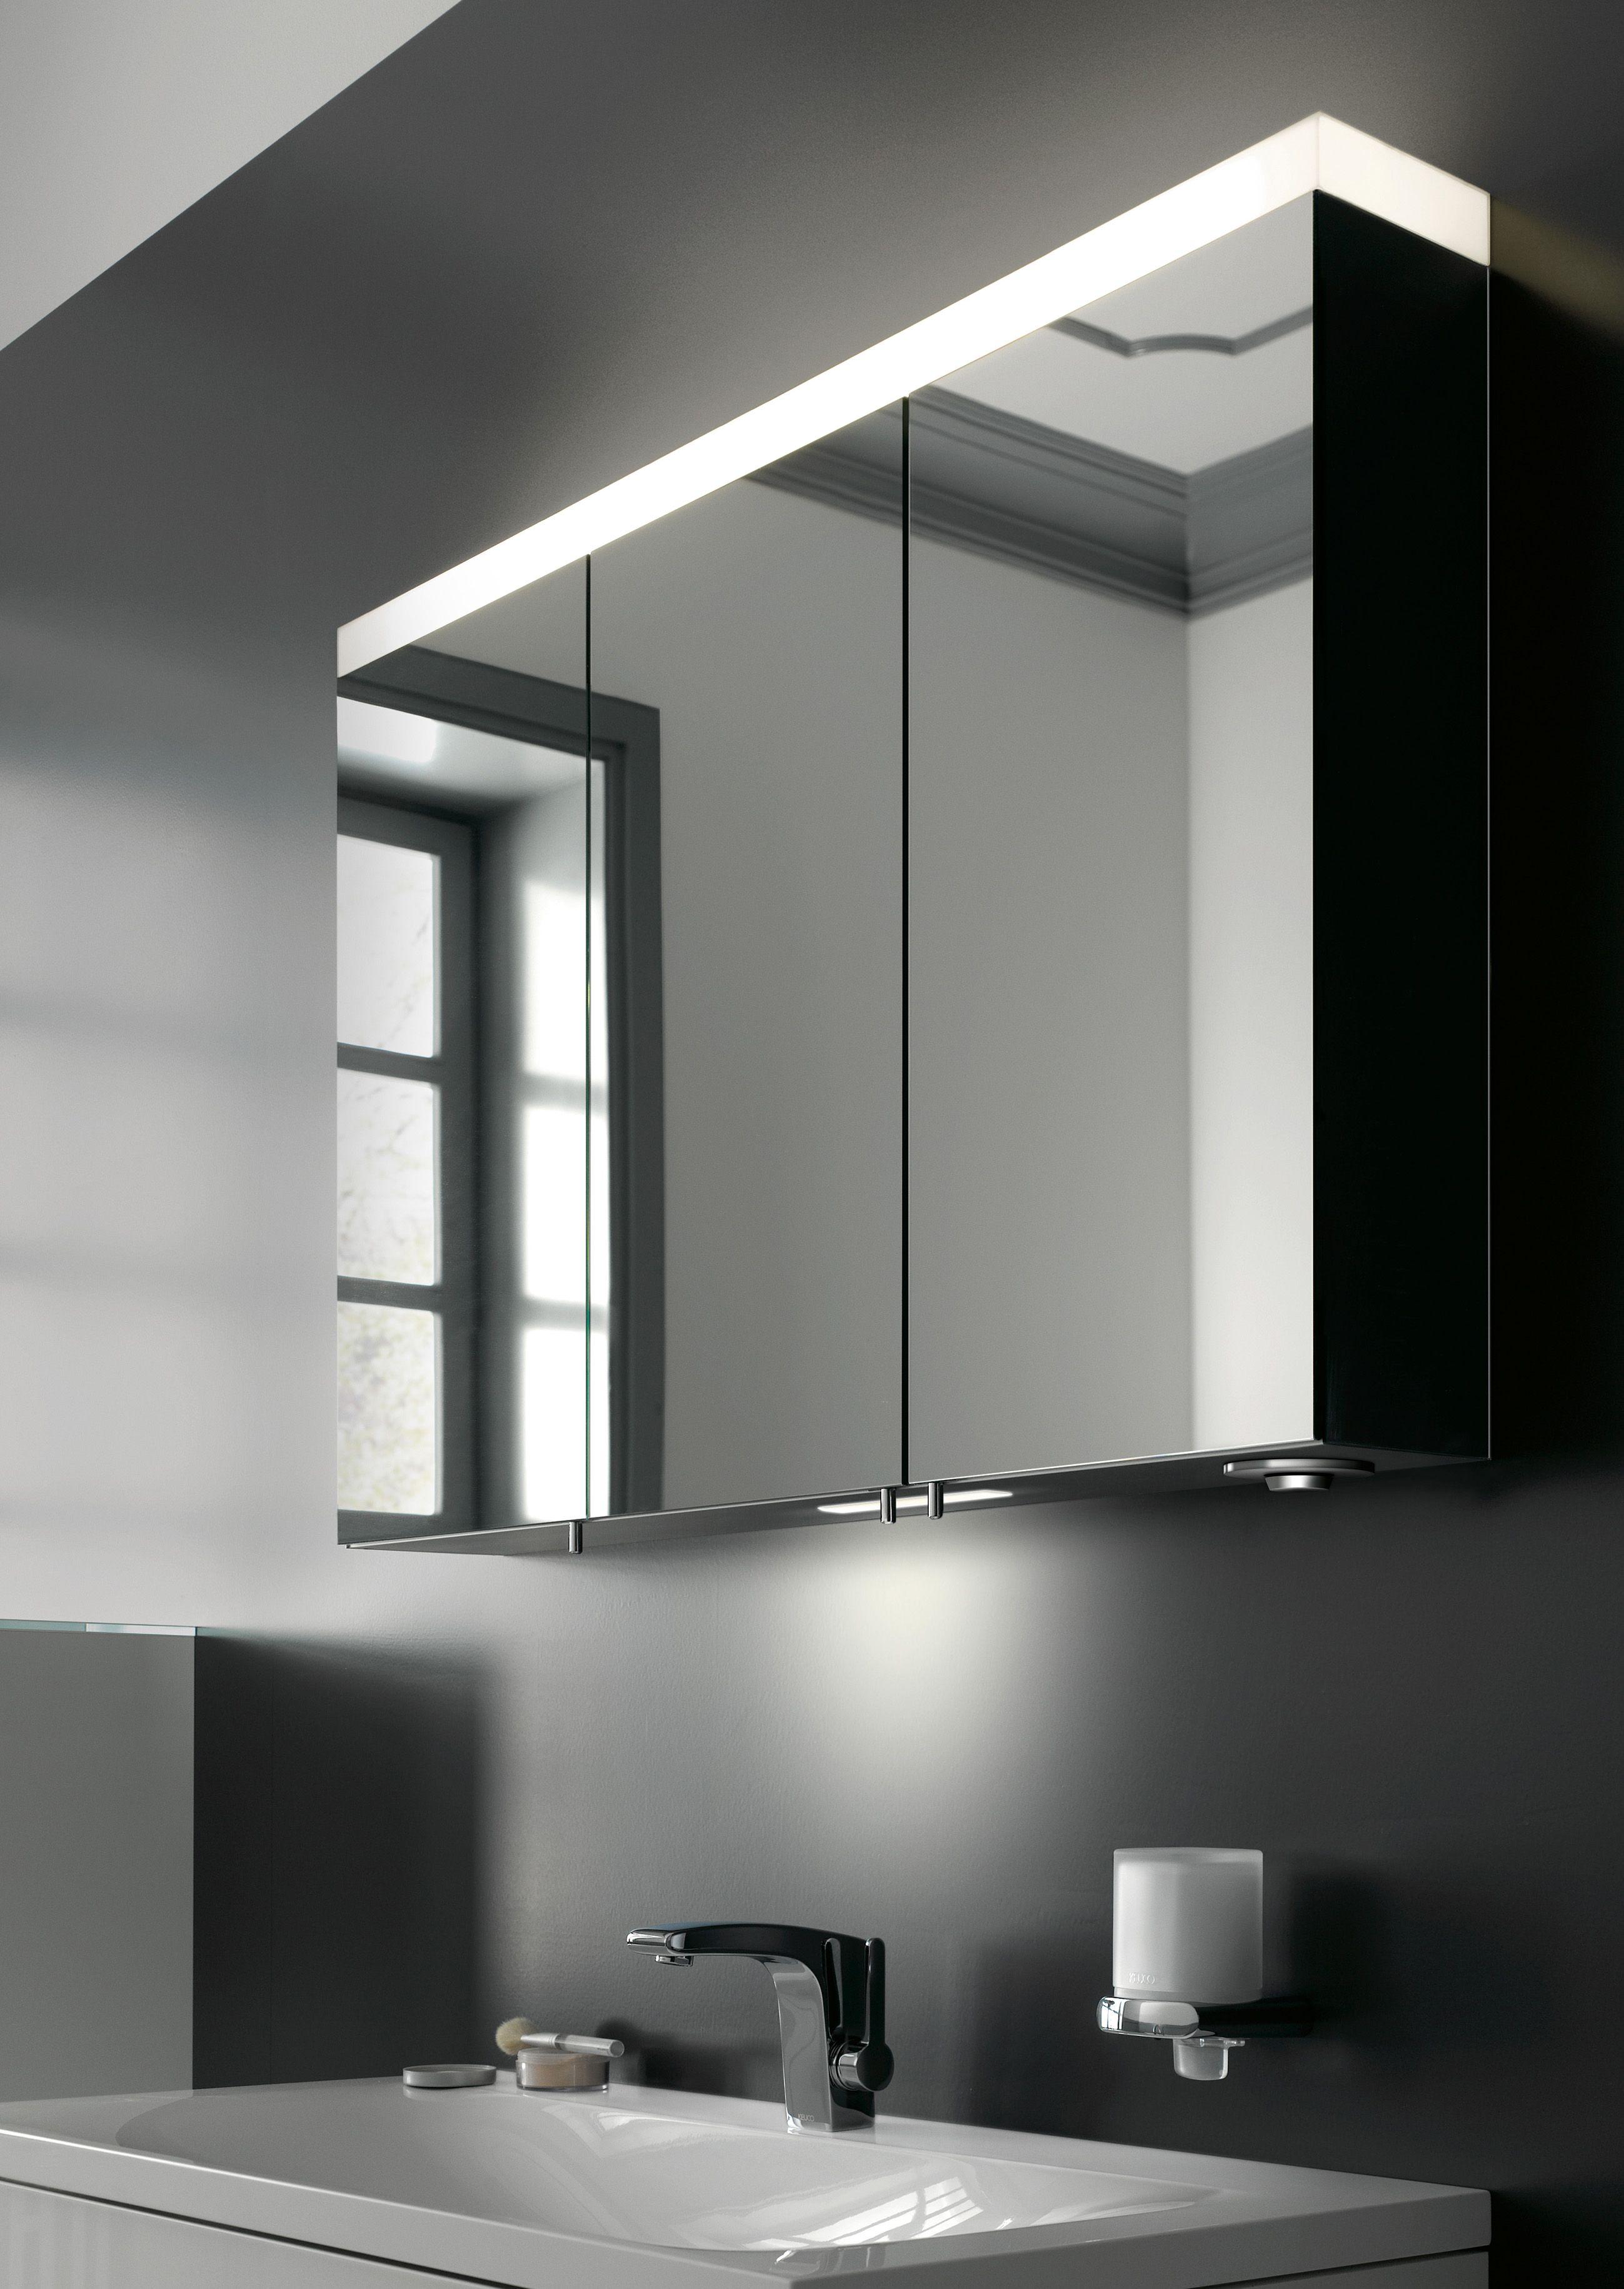 Spiegelkast Keuco Royal badkamer design Sanidrome | 1. Spiegelkasten ...